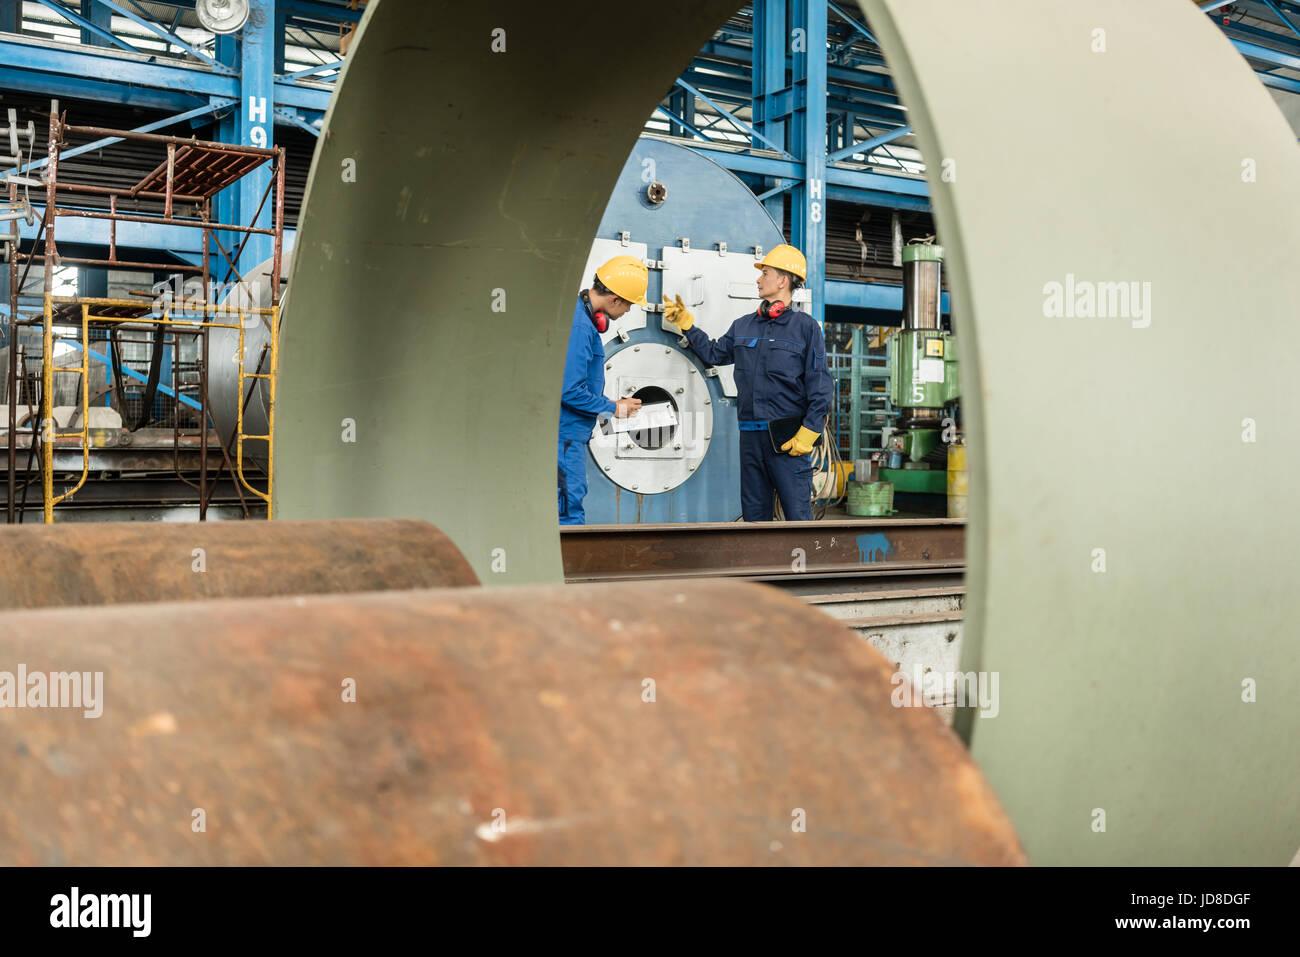 Erfreut Wie Arbeiten Industrielle Dampfkessel Ideen - Elektrische ...